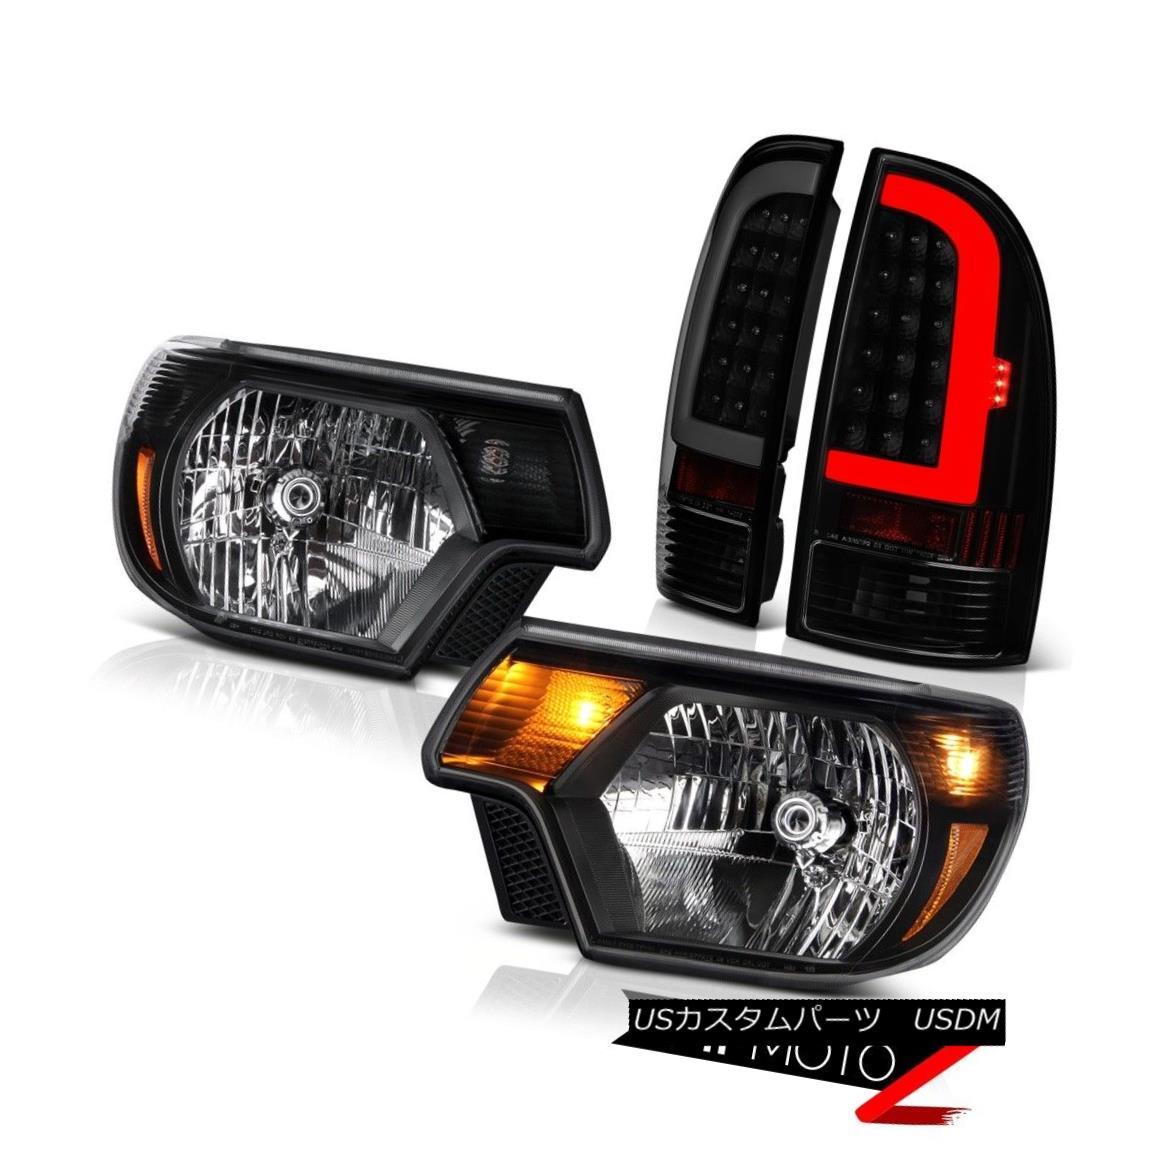 テールライト 12-14 15 Toyota Tacoma Darkest Smoke Fiber Optic Rear Inky Black Head Lights Set 12-14 15トヨタタコマダークスモークスモークファイバーオプティックリアインキブラックヘッドライトセット